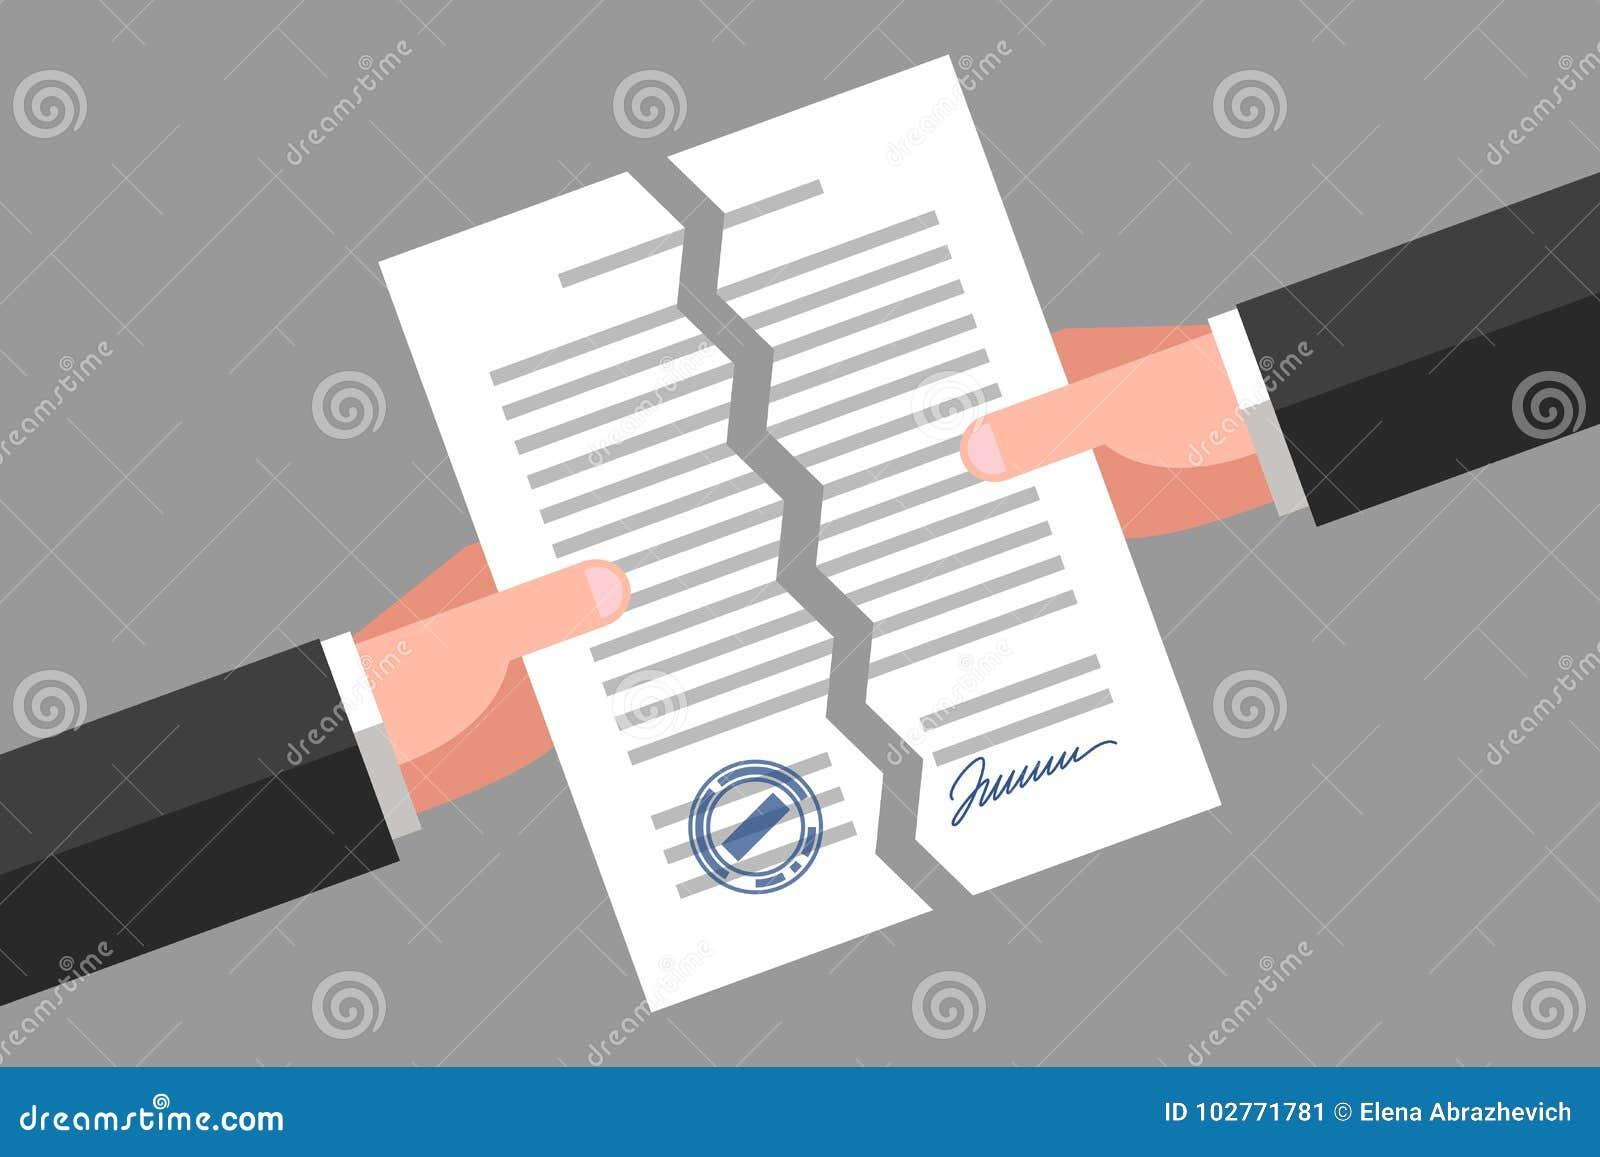 Original rasgado Cancelamento do contrato ou do acordo